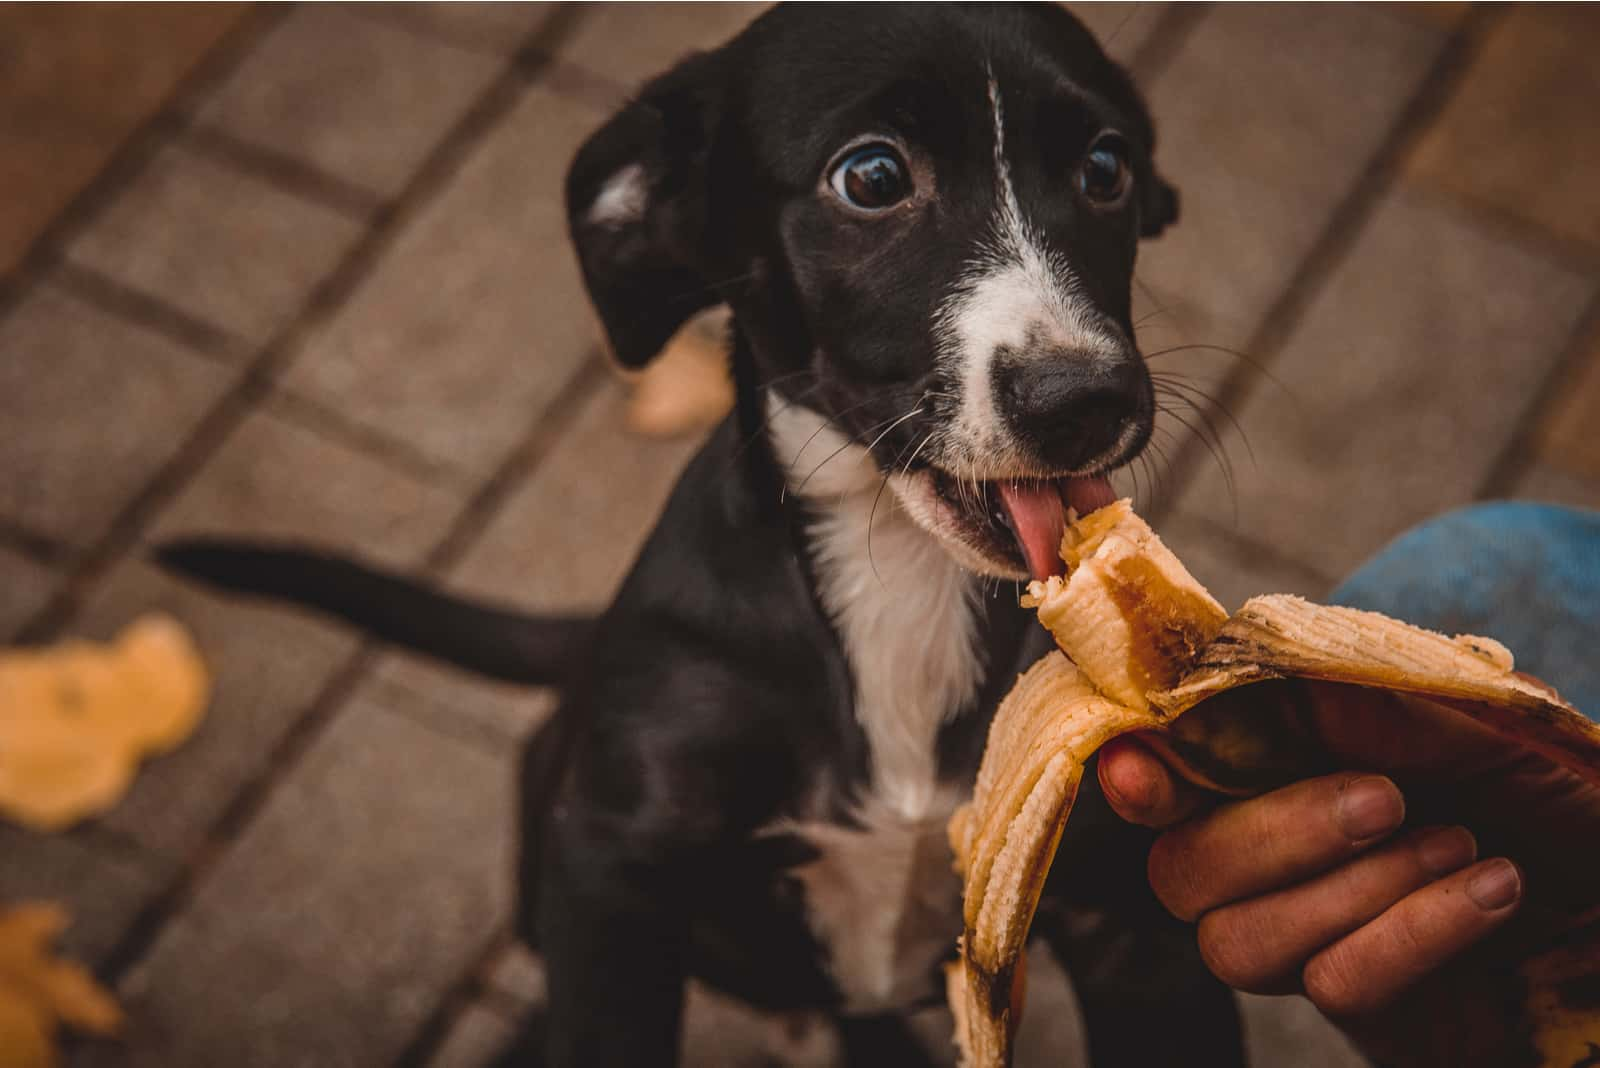 dog eats a banana